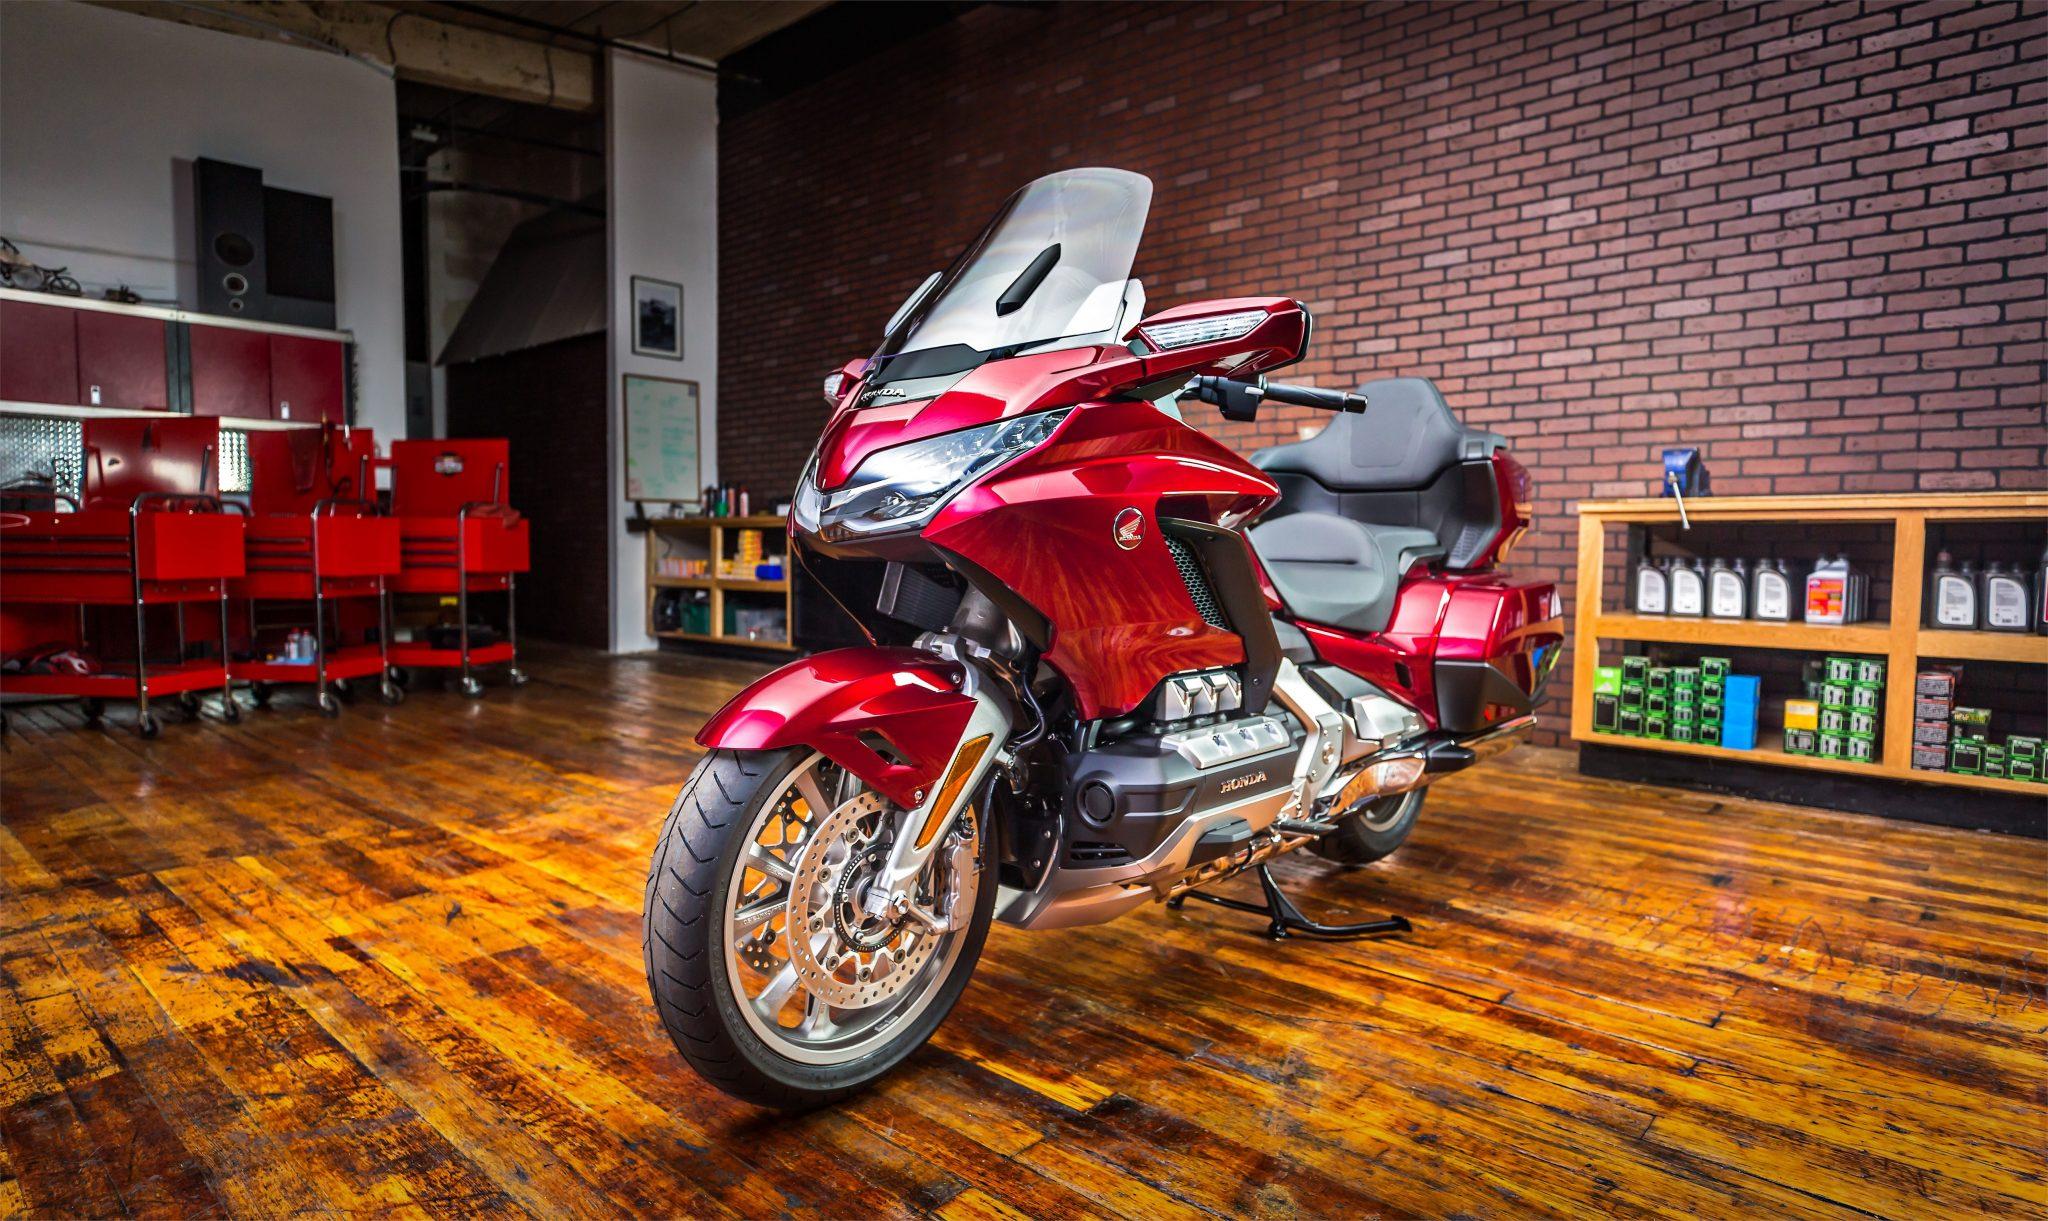 Honda Gold Wing Tour 2018 bei Auto Stahl Seitenansicht Frontansicht Rot Schwarz Hauptständer